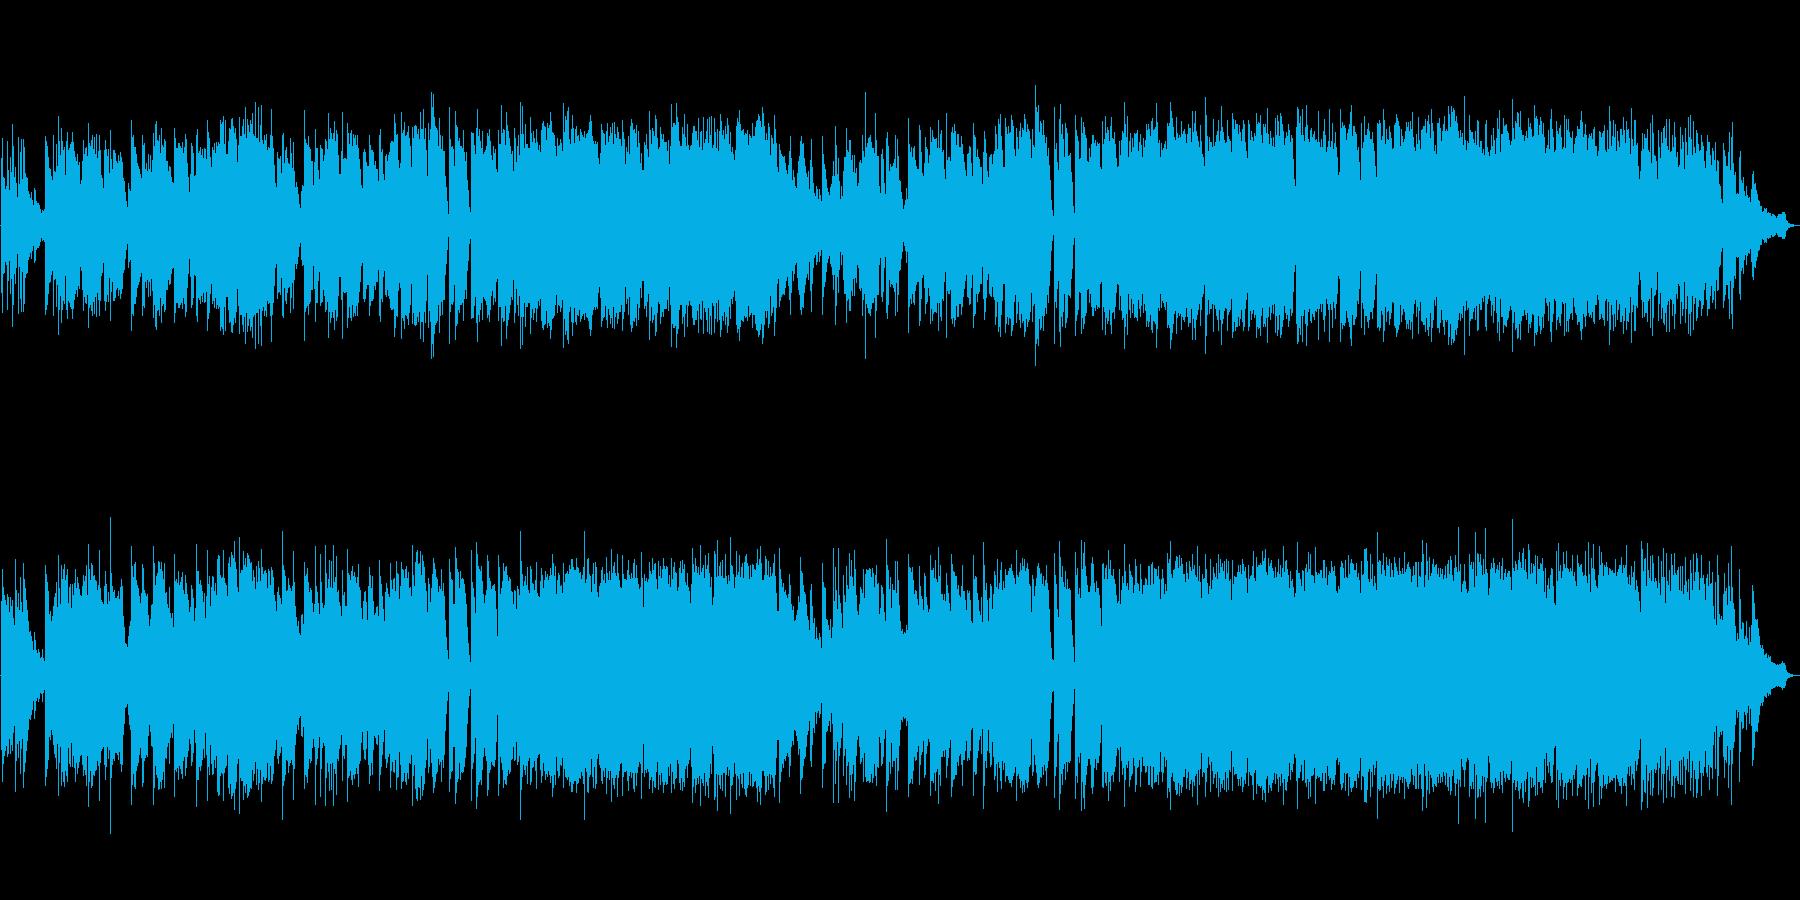 和風 しっとり切ないバラード 尺八生演奏の再生済みの波形